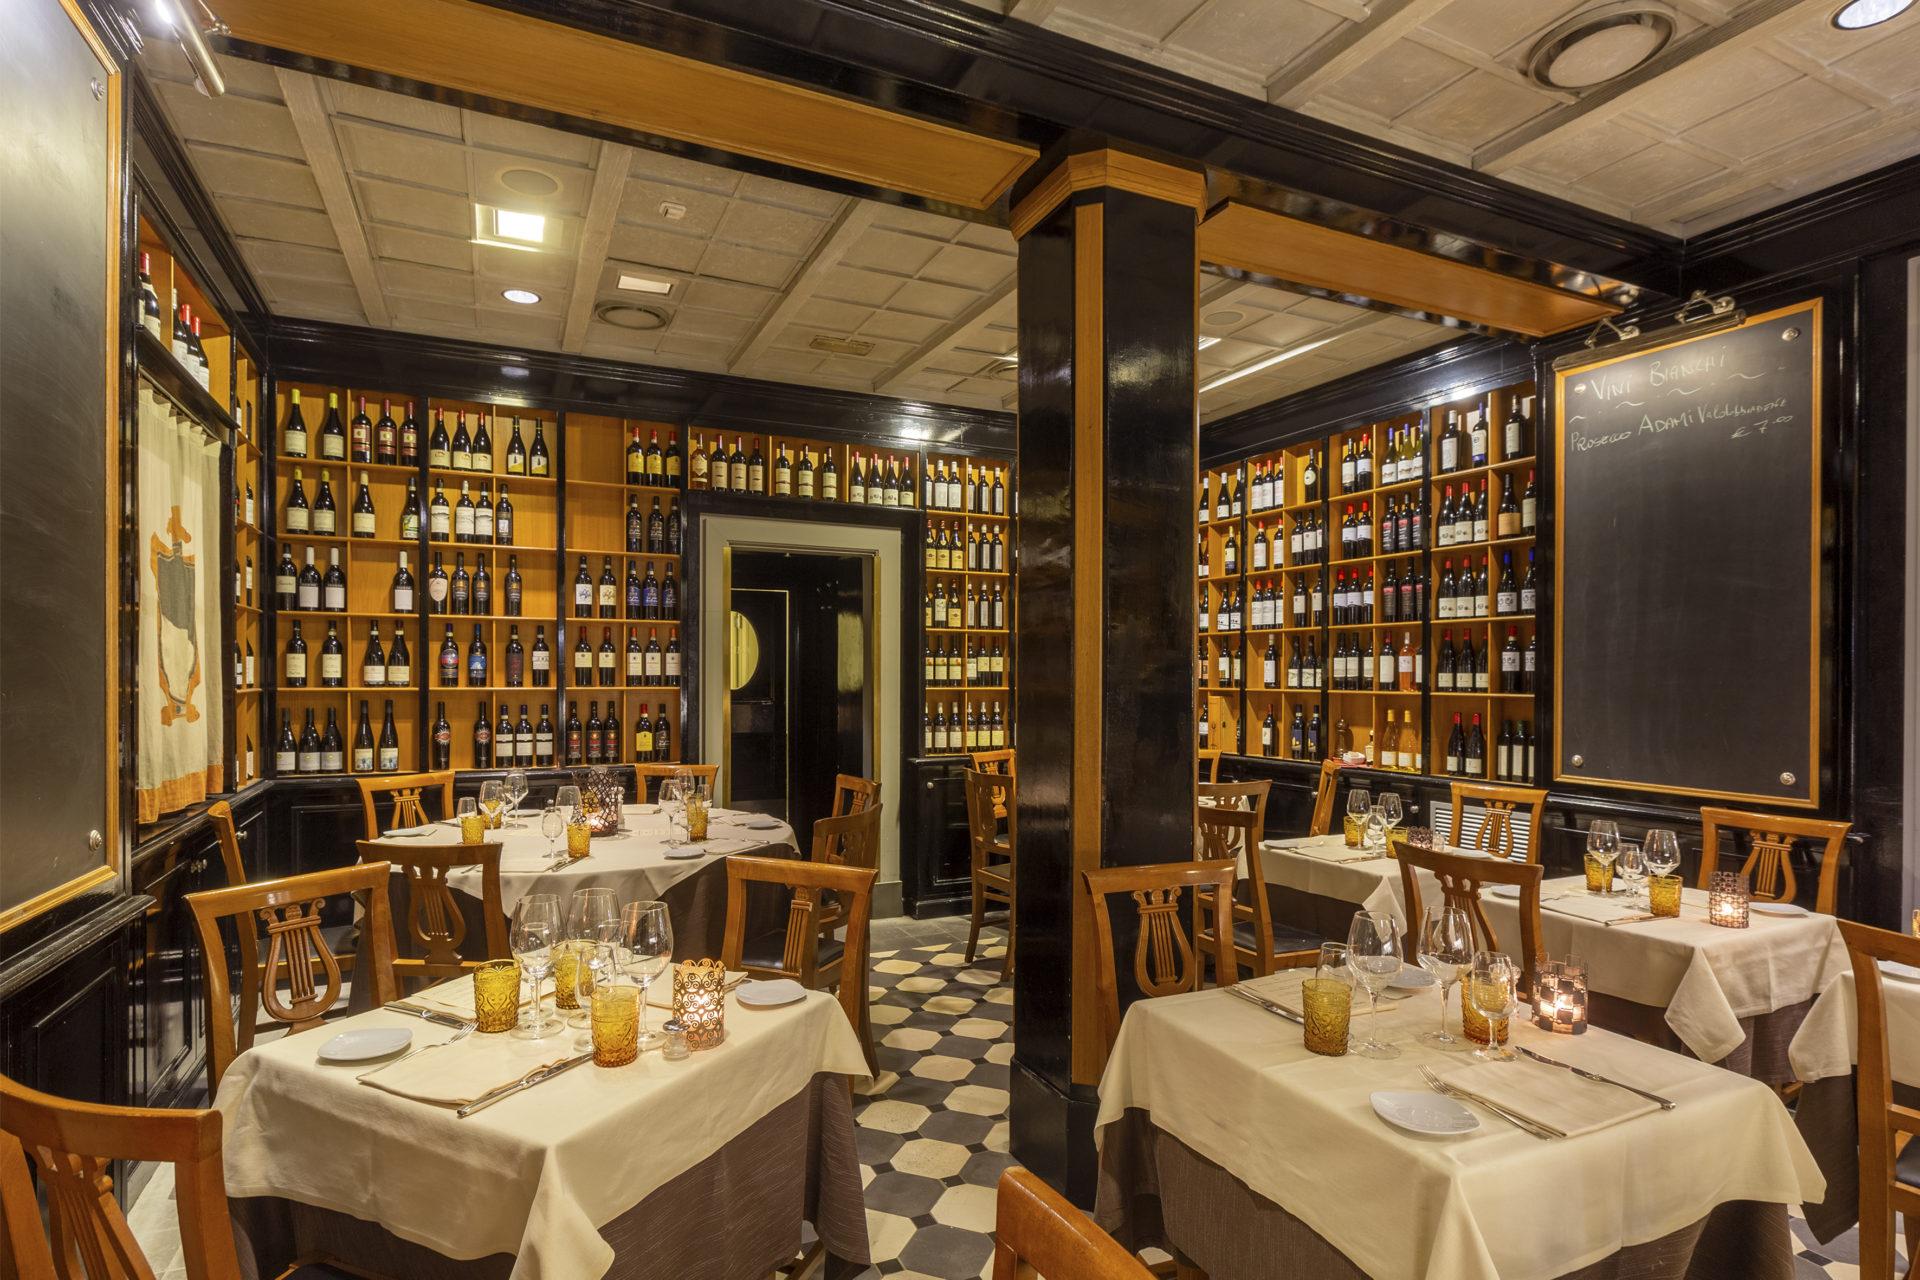 2019 11 Locale 3 - Olio Restaurant